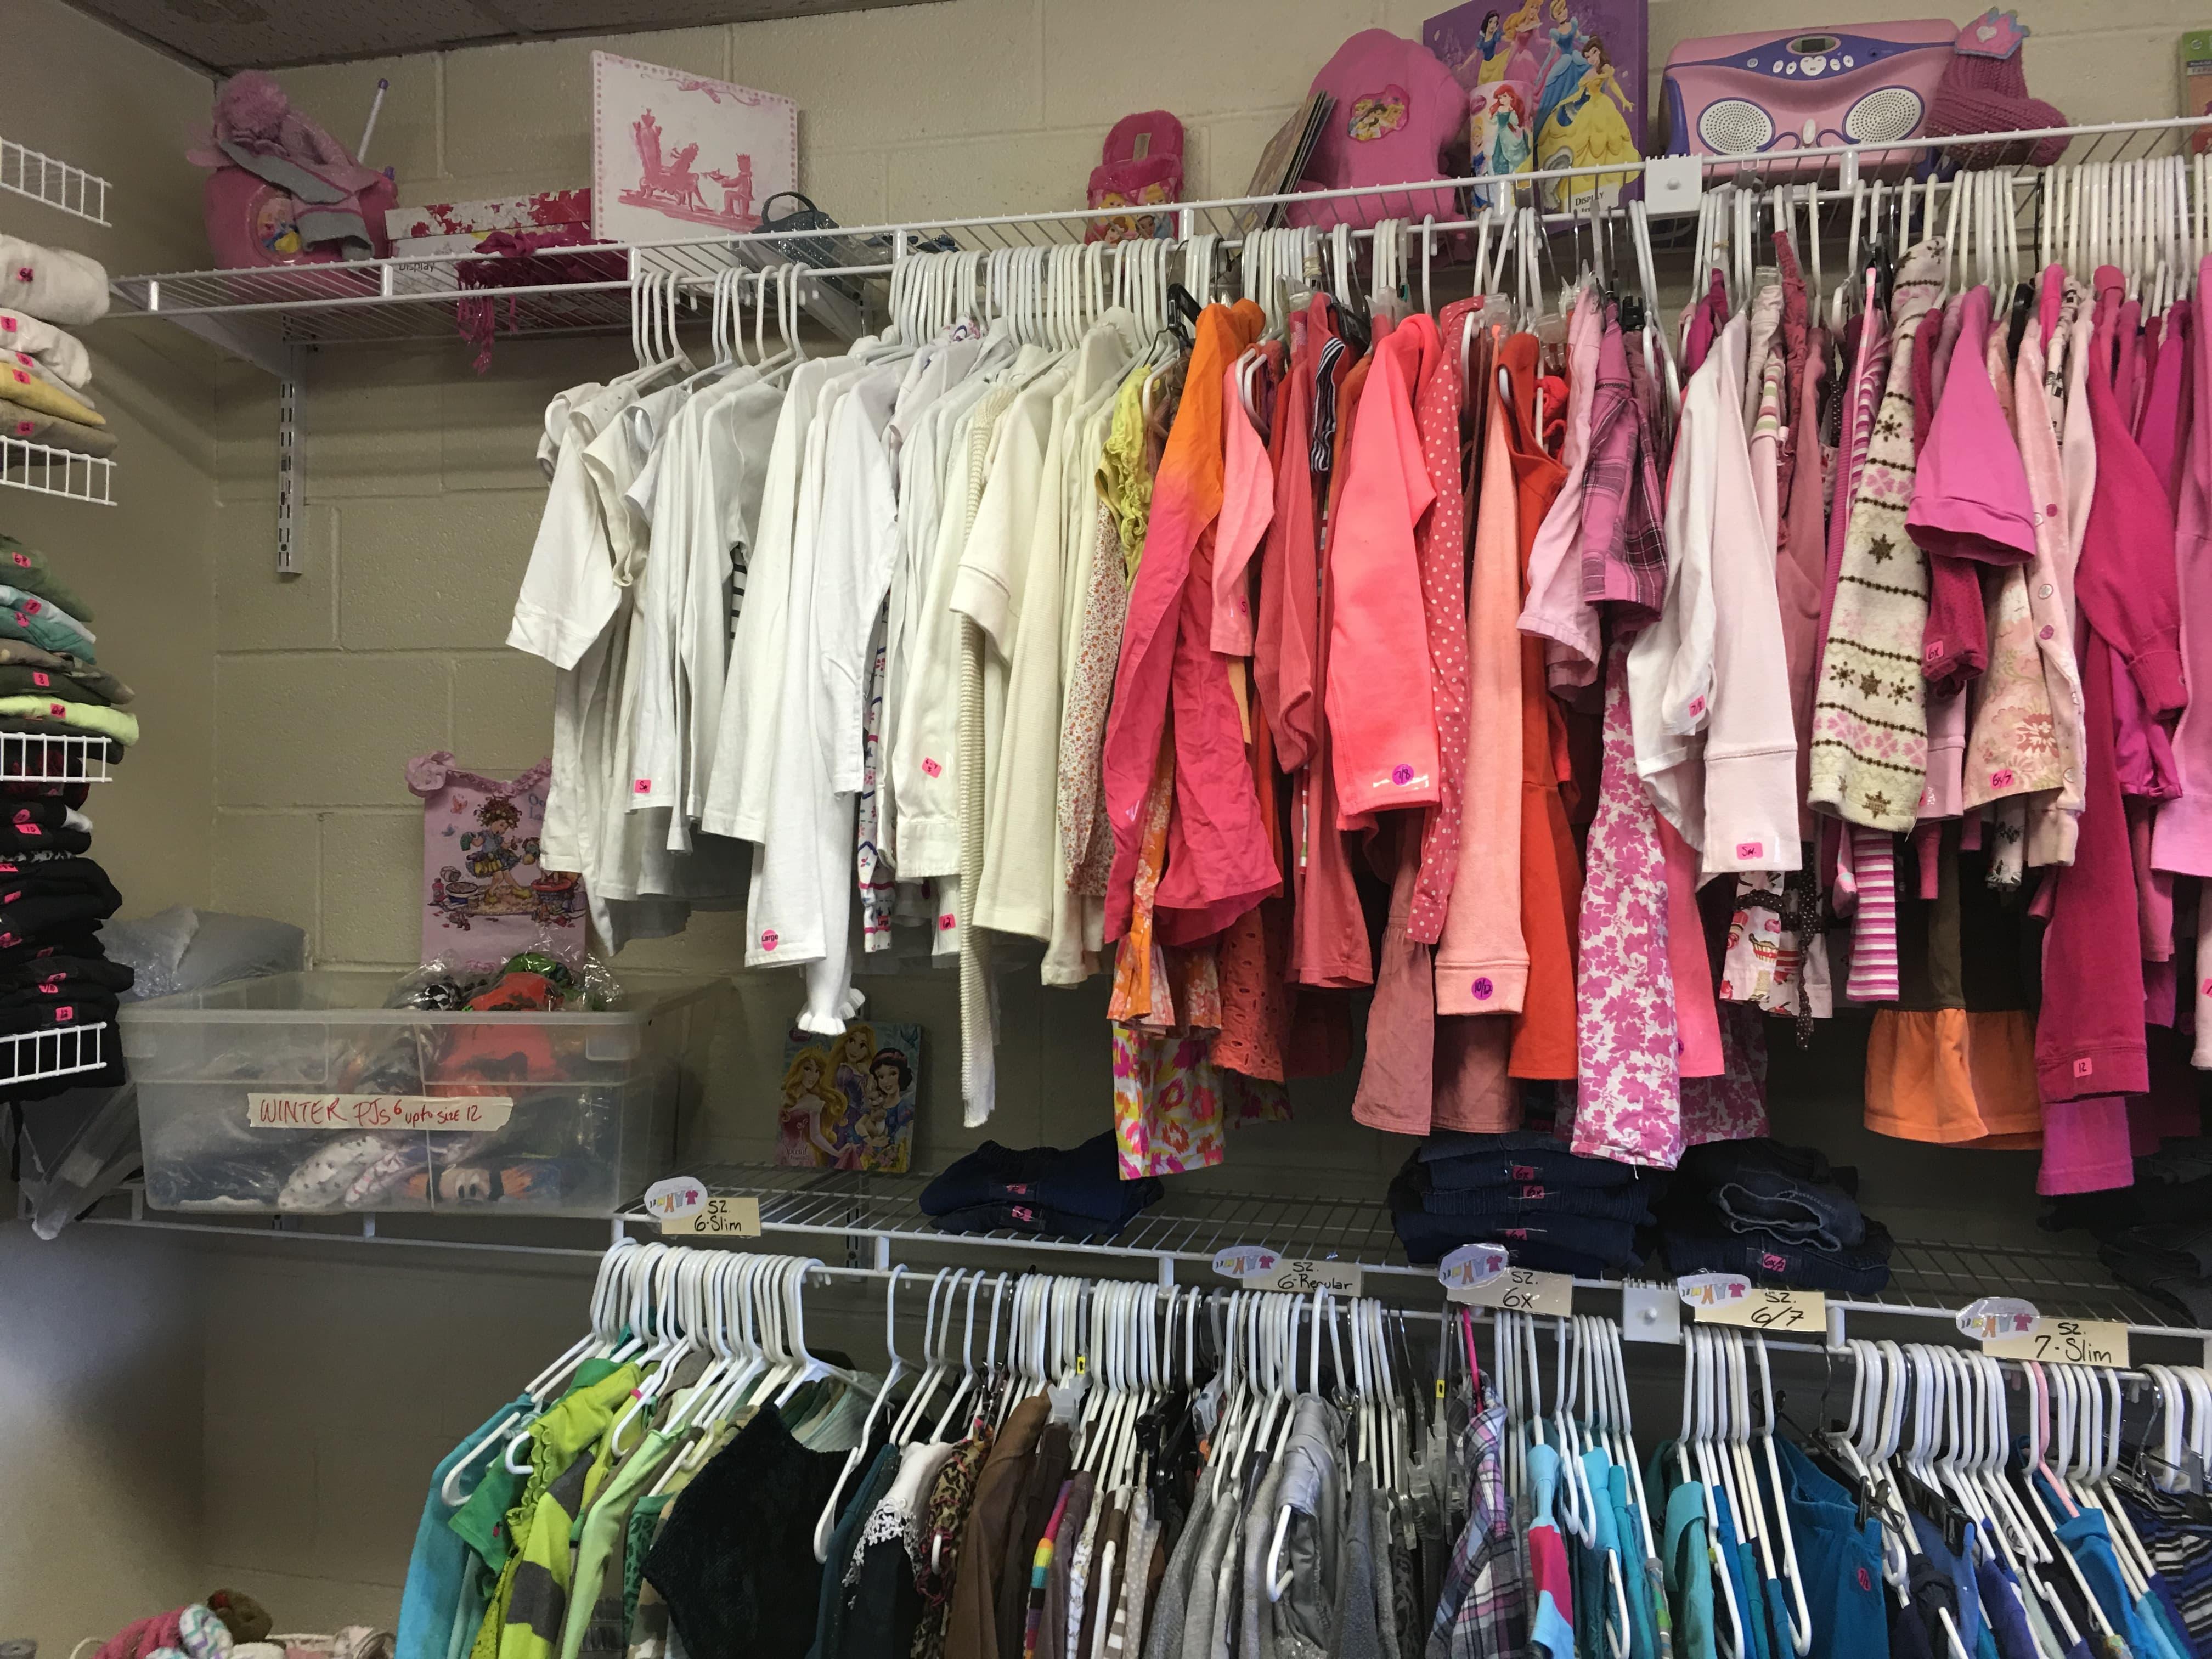 Children's Closet 4